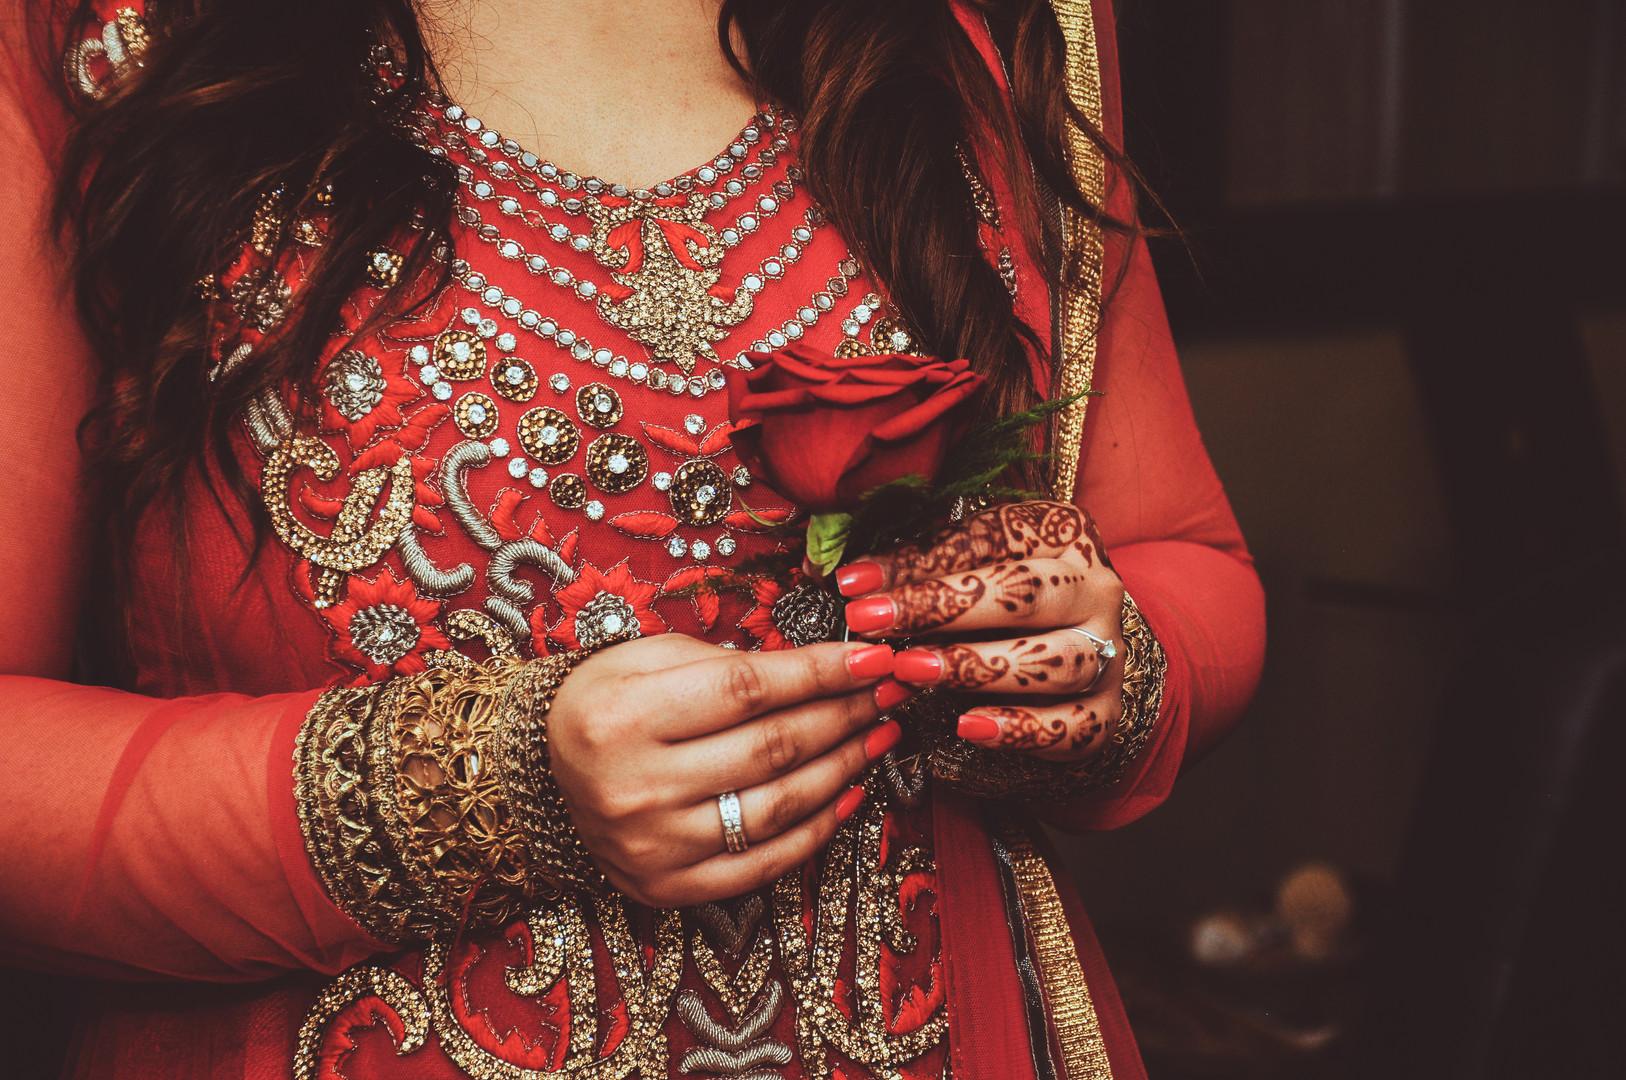 Red sari, red rose